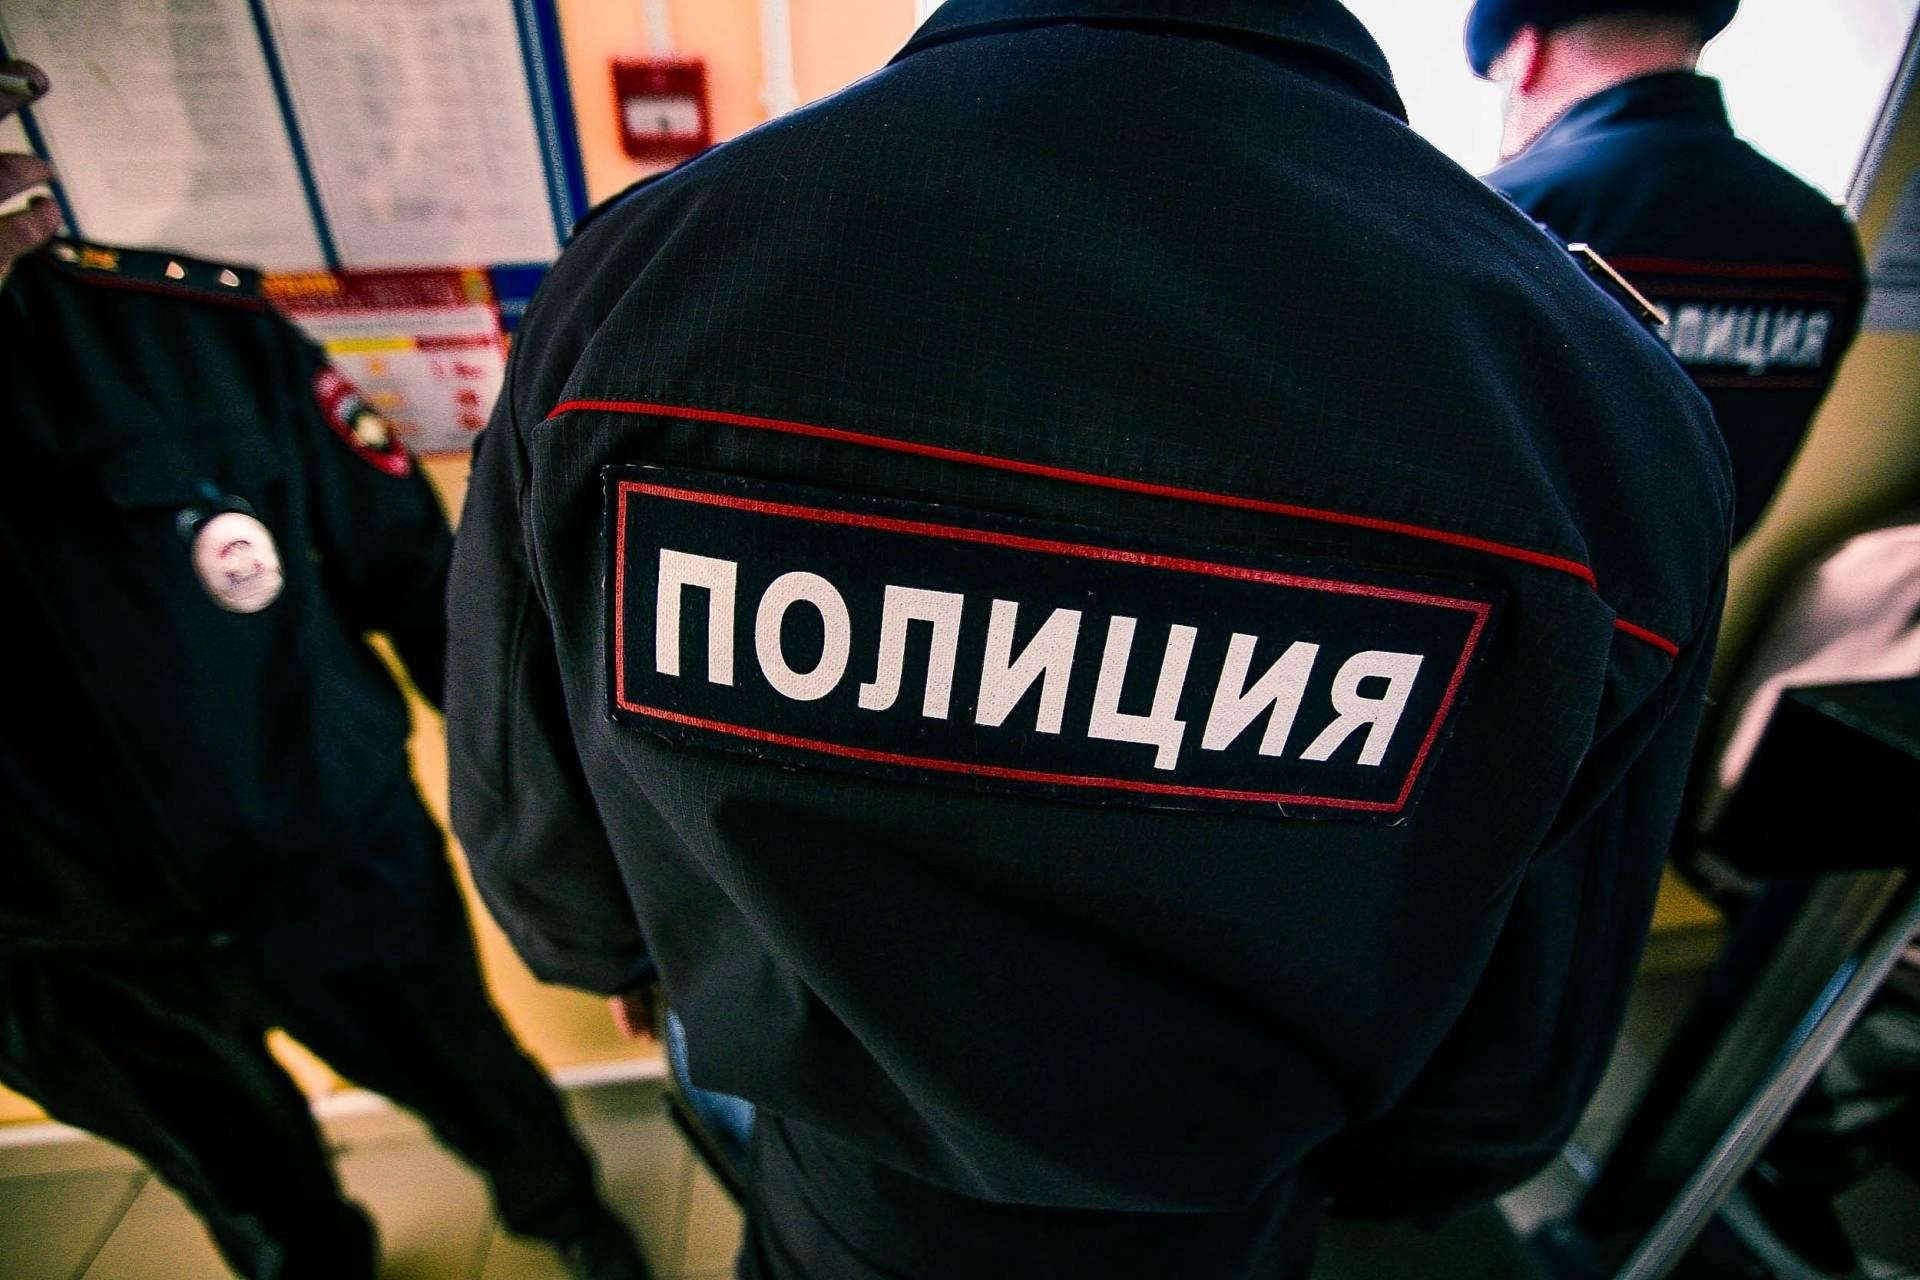 В столице России вовремя секса вмашине задержаны трансвеститы-нелегалы